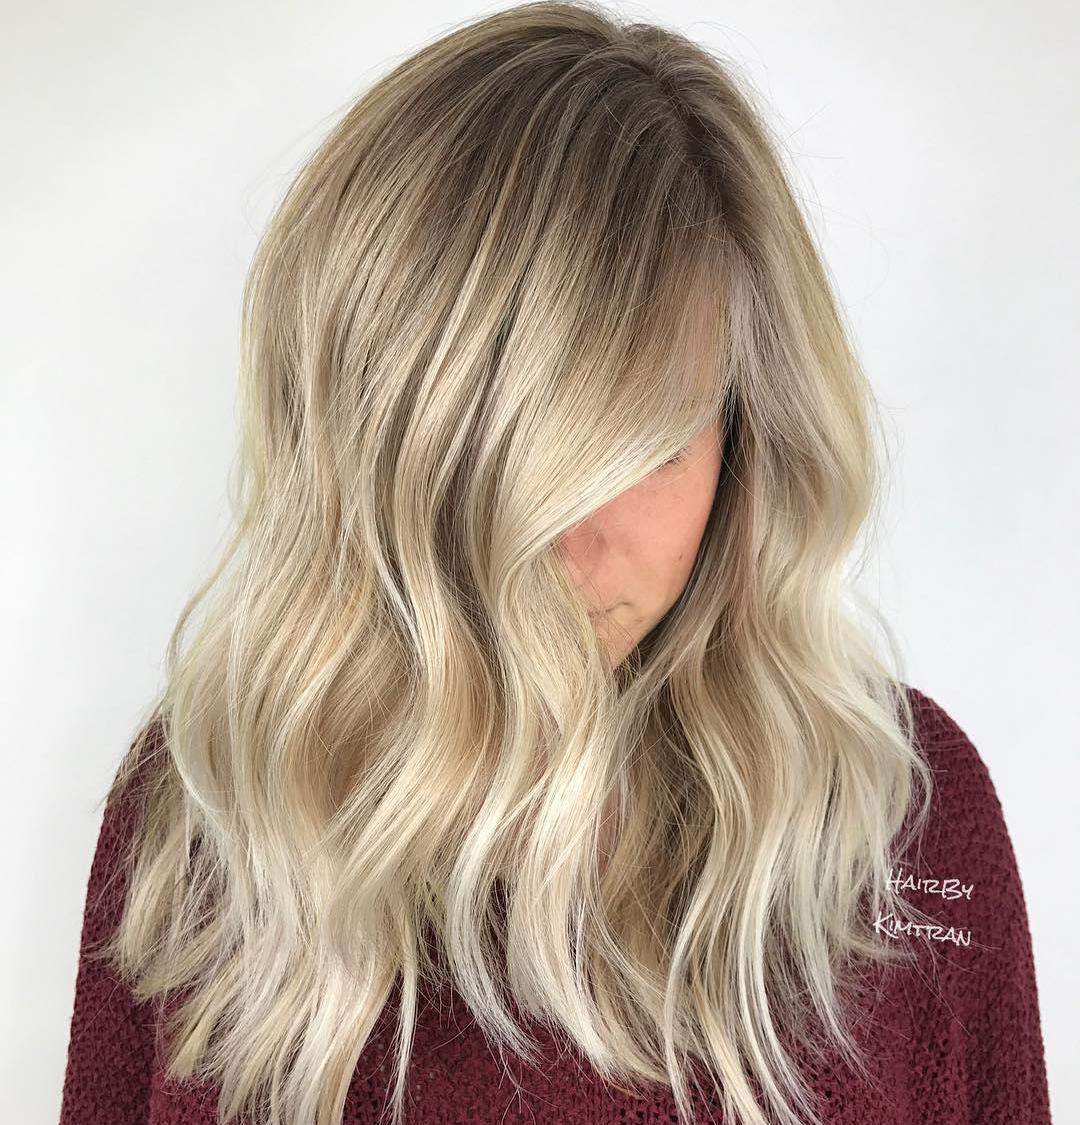 blonde hair dye - HD1079×1079